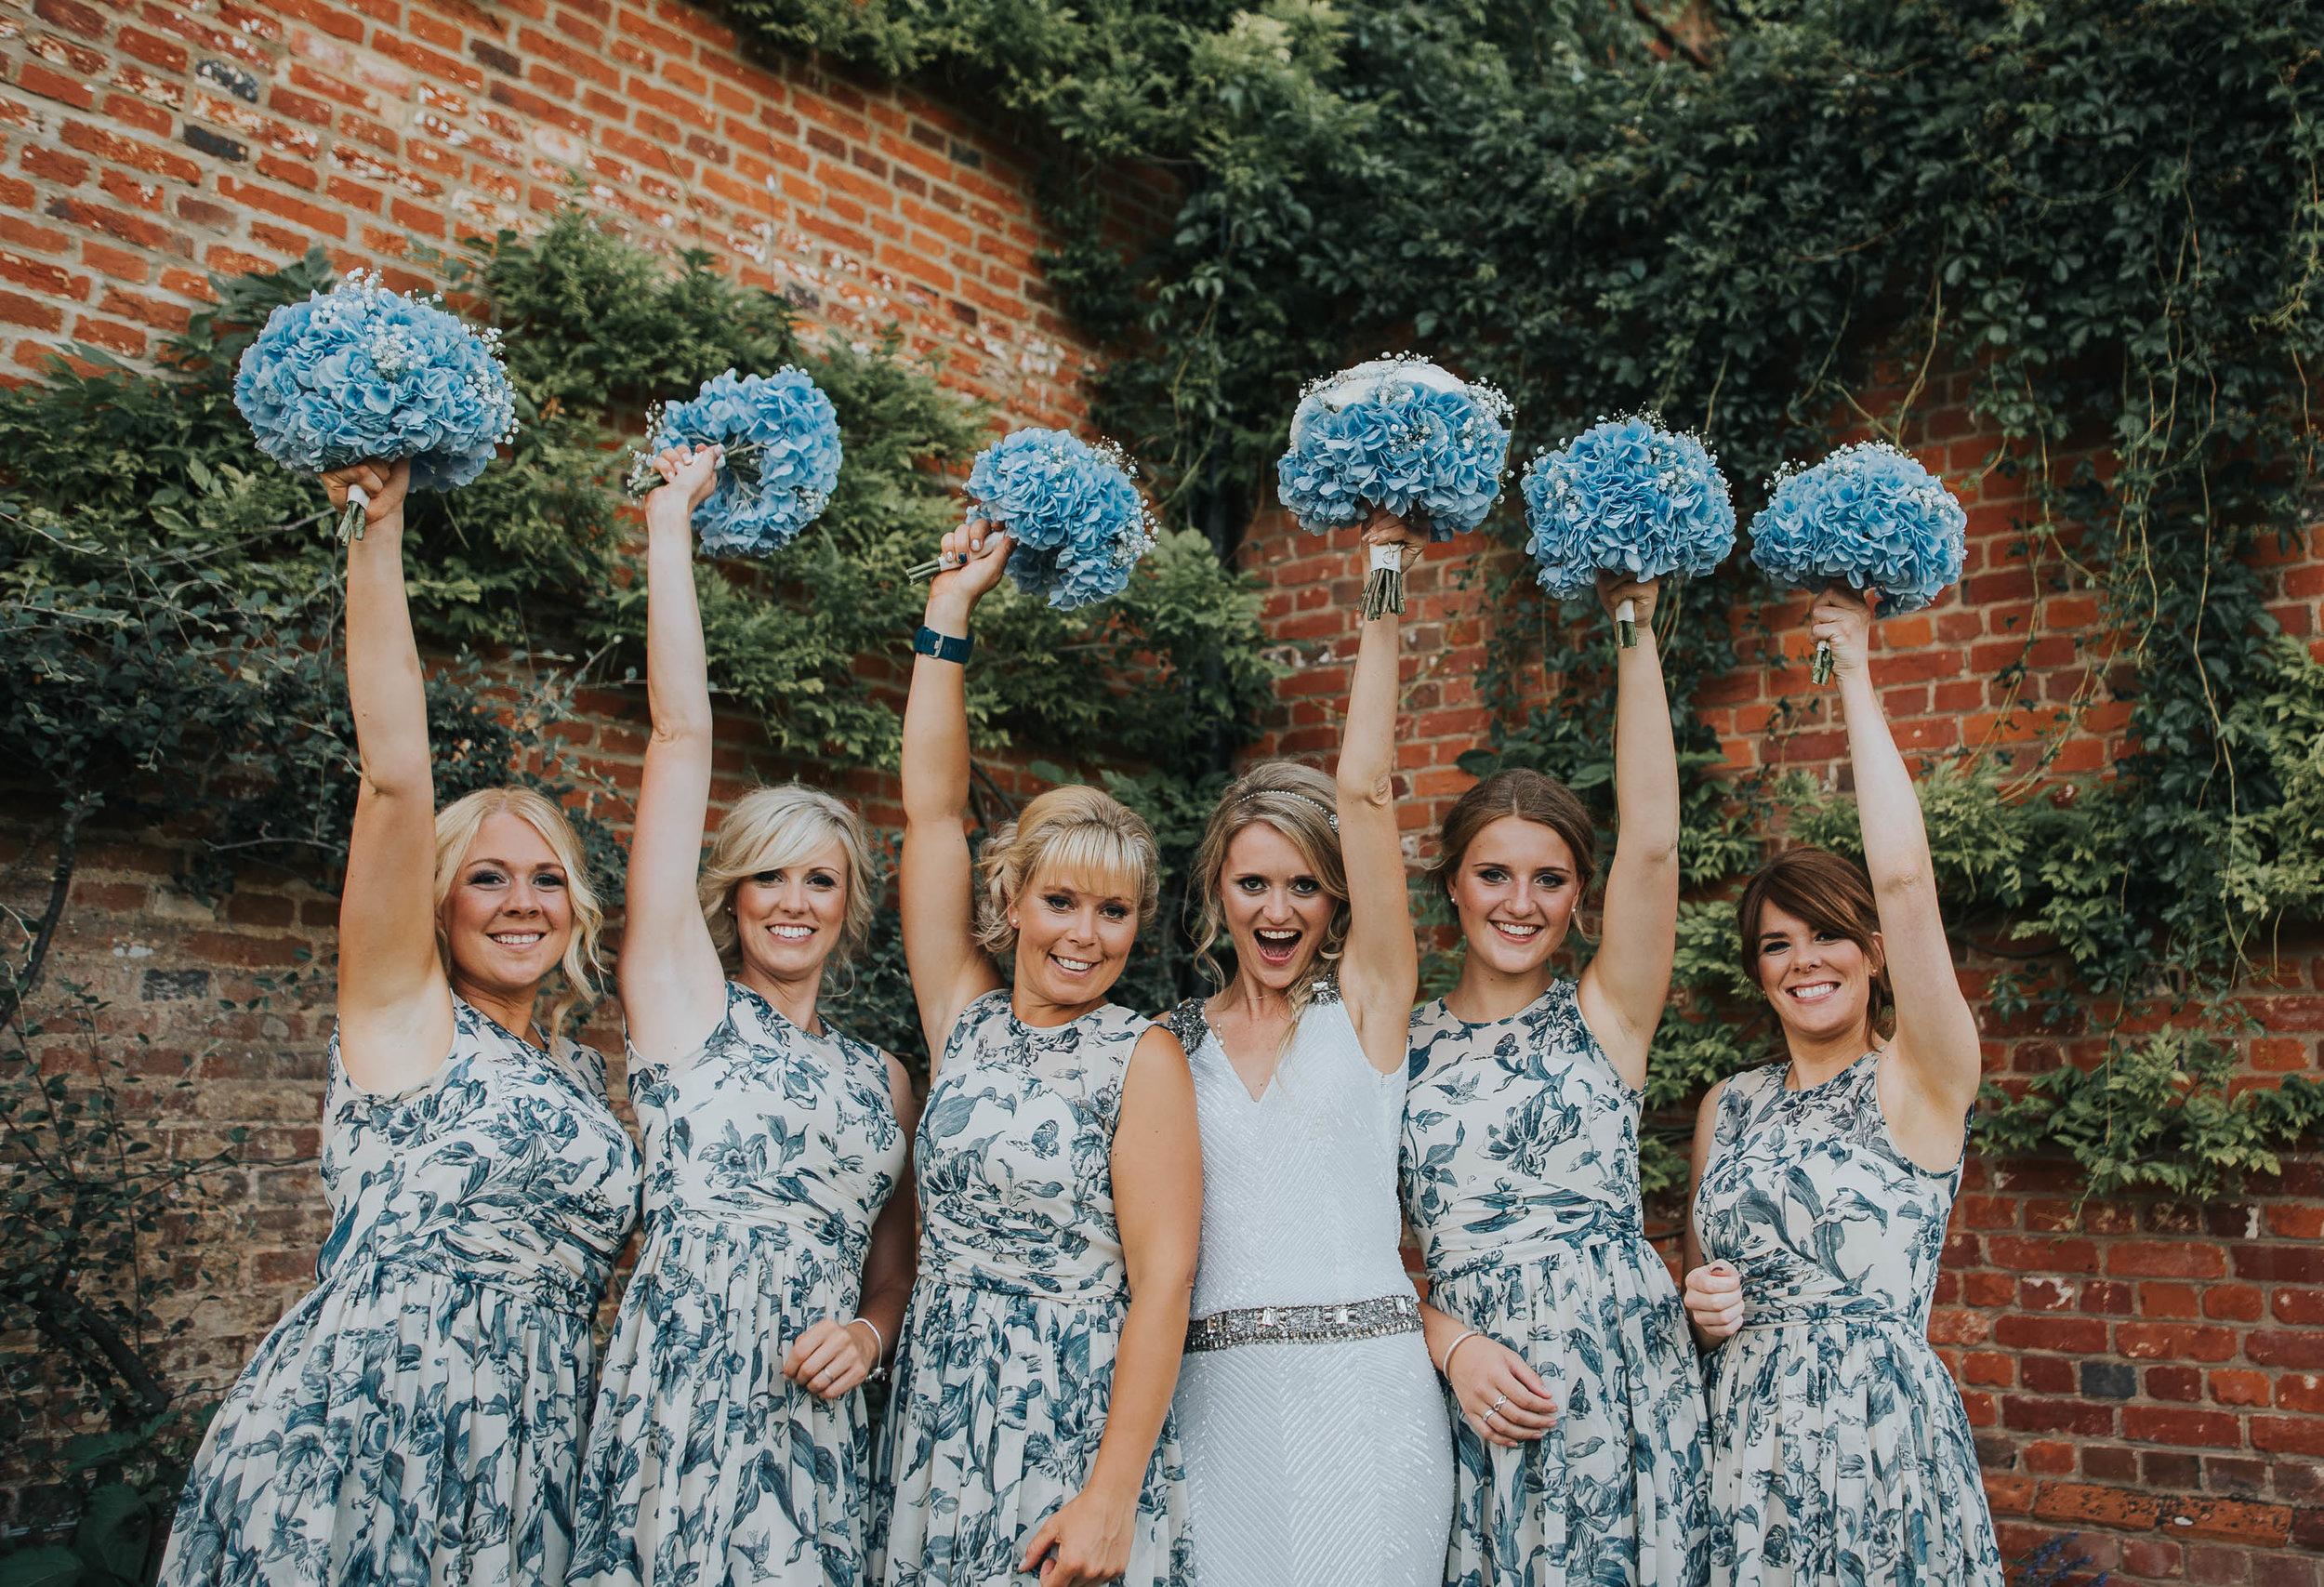 Creative Unique Wedding Photographer Essex Suffolk UK Wedding Photographer www.purplepeartreephotography.com (702).JPG